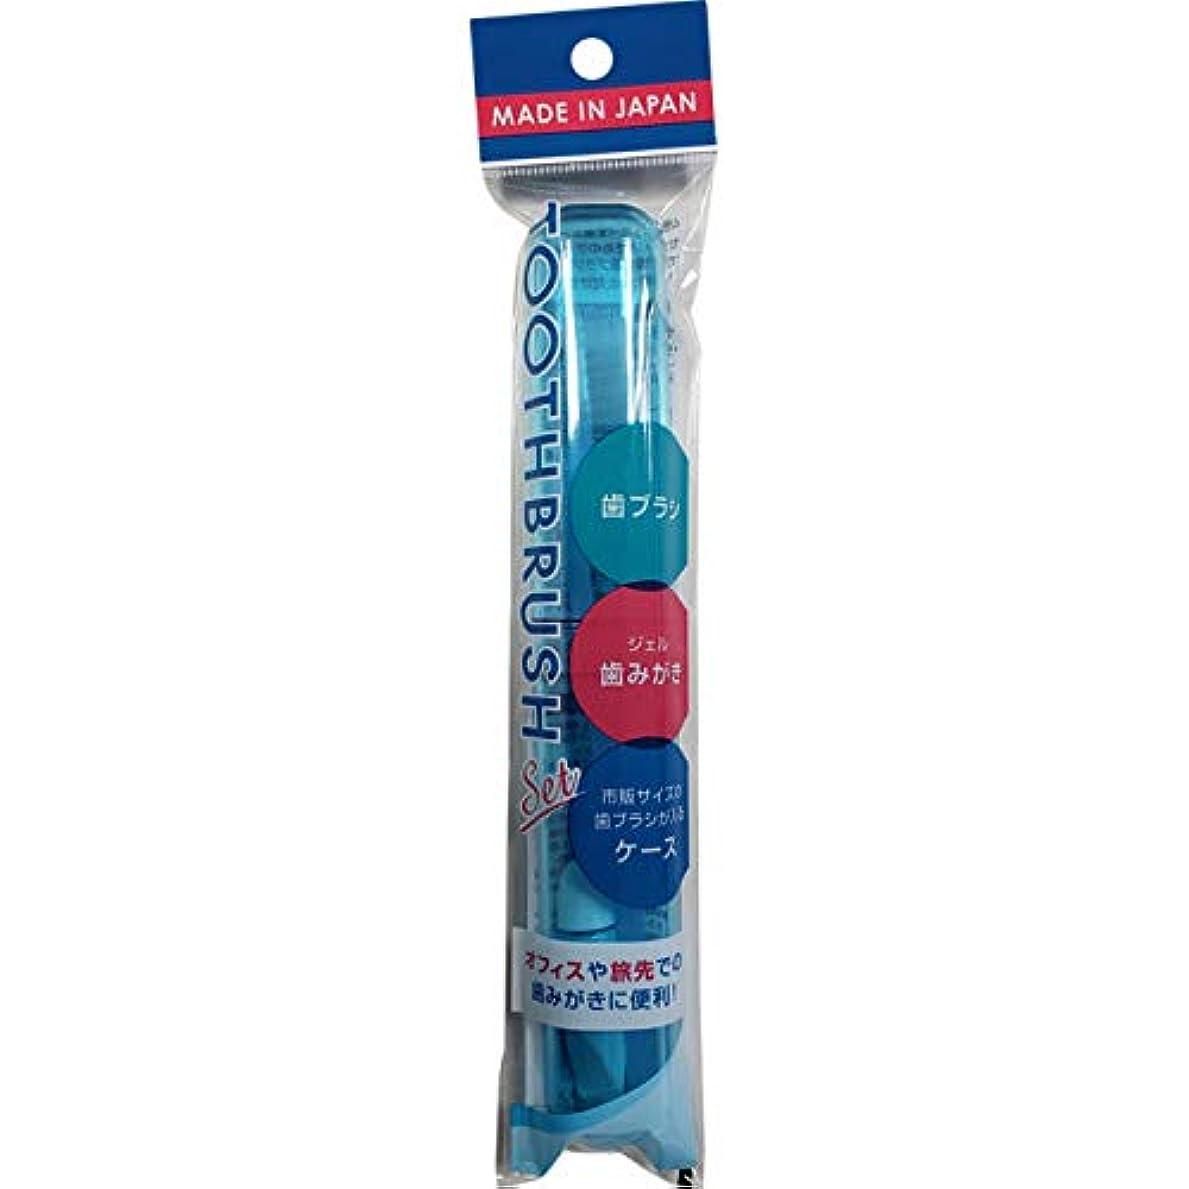 レンズ分岐する自己【4個セット】歯ブラシ&ジェル歯みがきケースセット